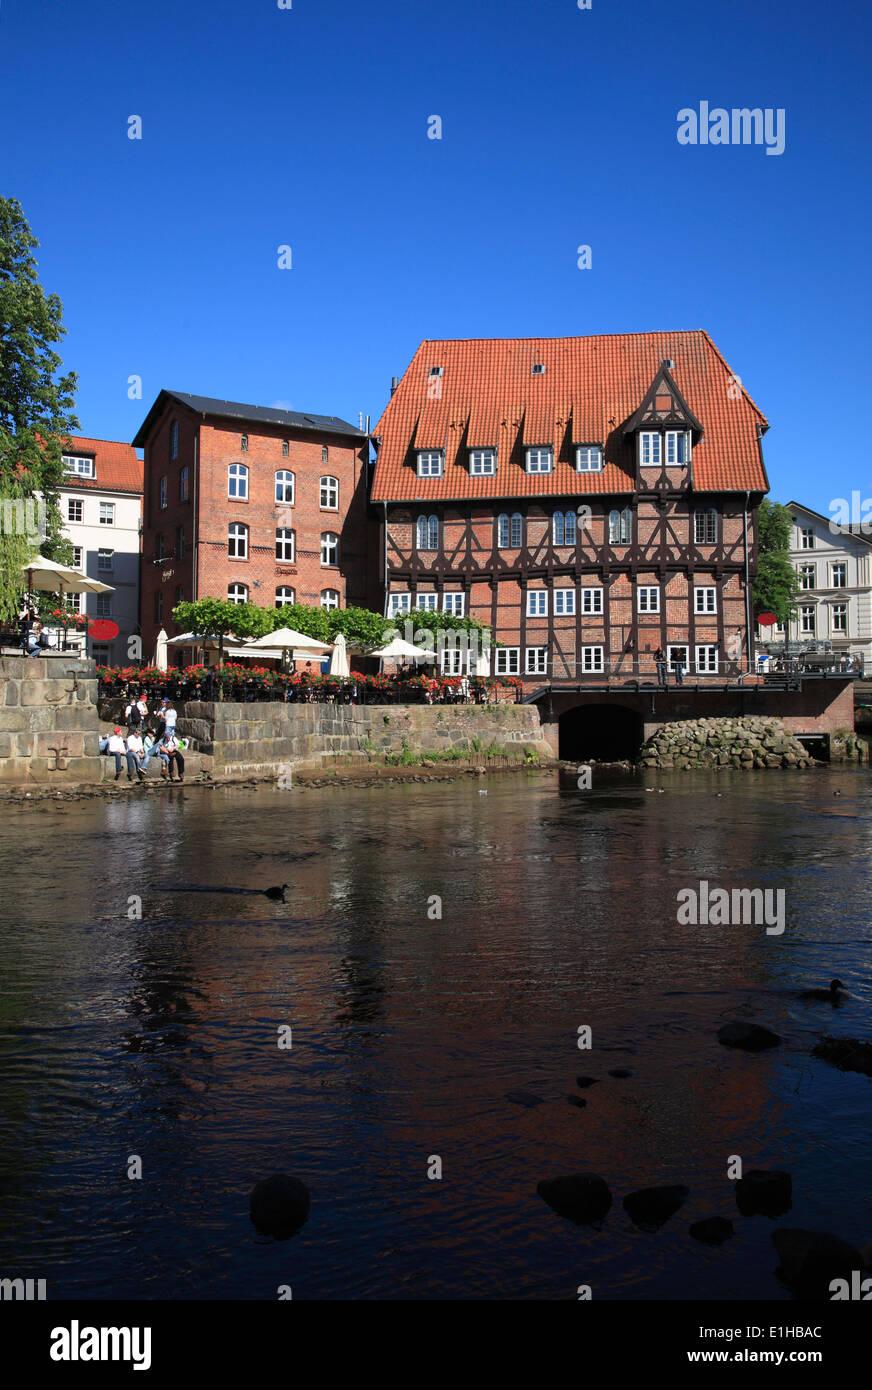 Restaurant LUENER MUEHLE at  the old harbor, Lueneburg, Lower Saxony, Germany, Europe - Stock Image